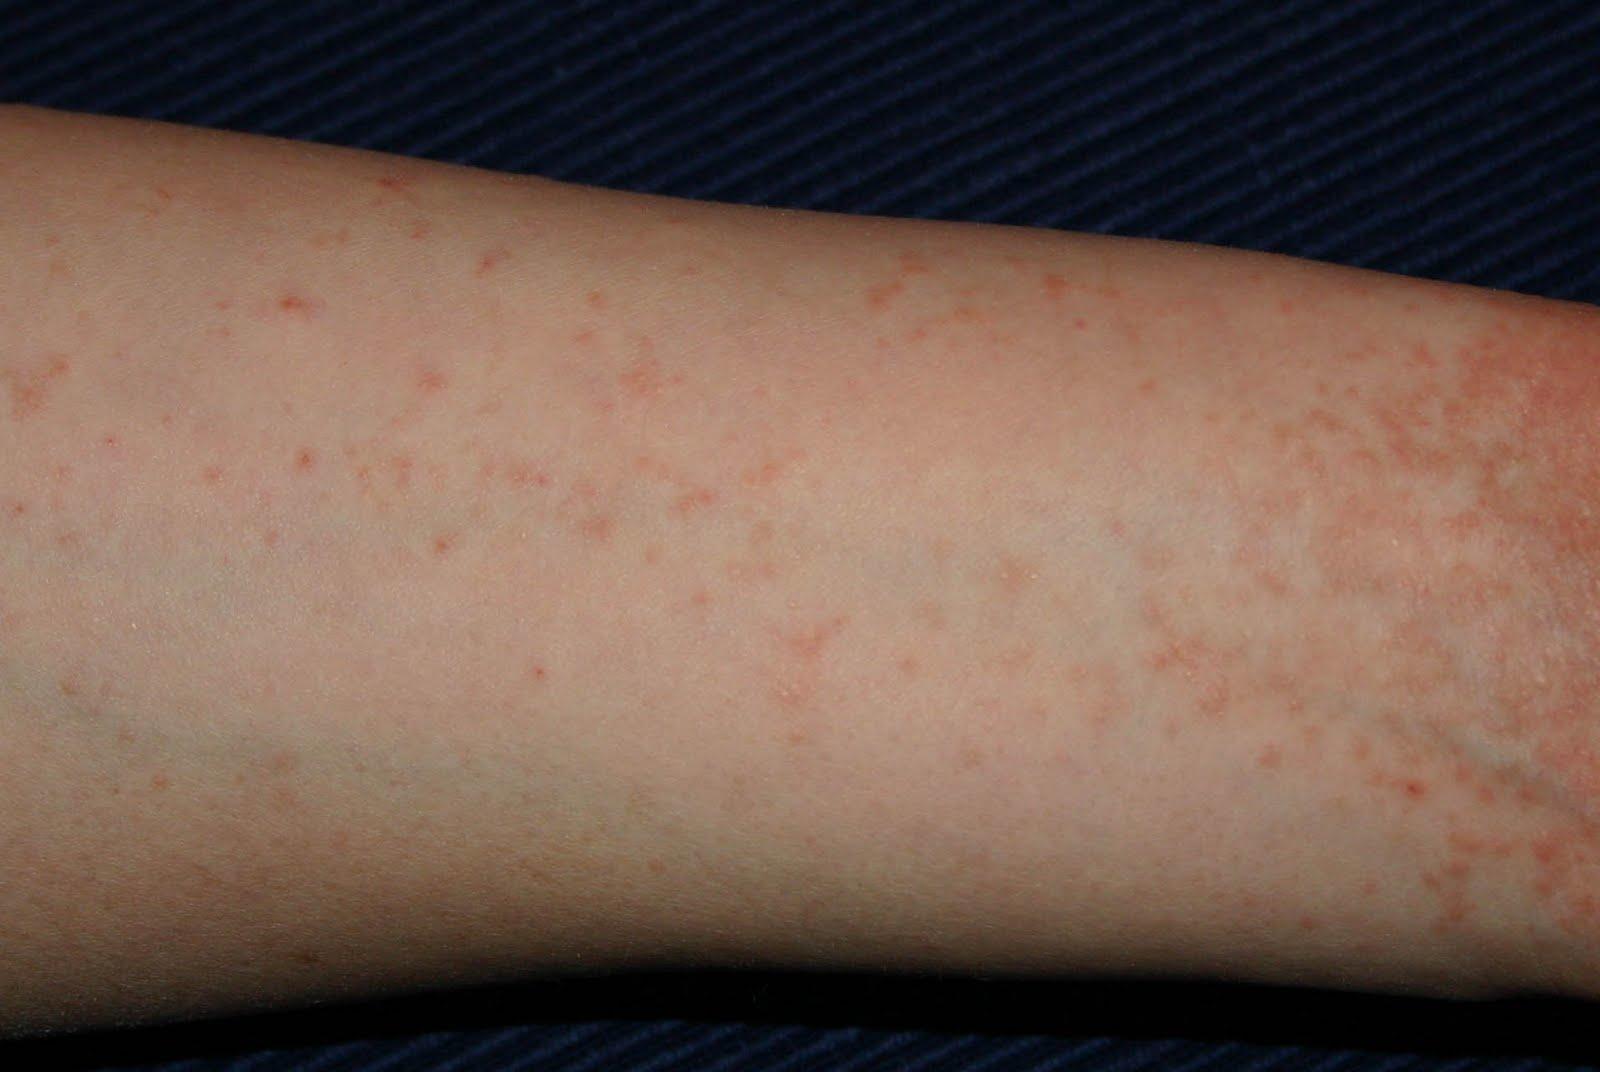 vörös foltok jelentek meg a lábán minták formájában fotó)